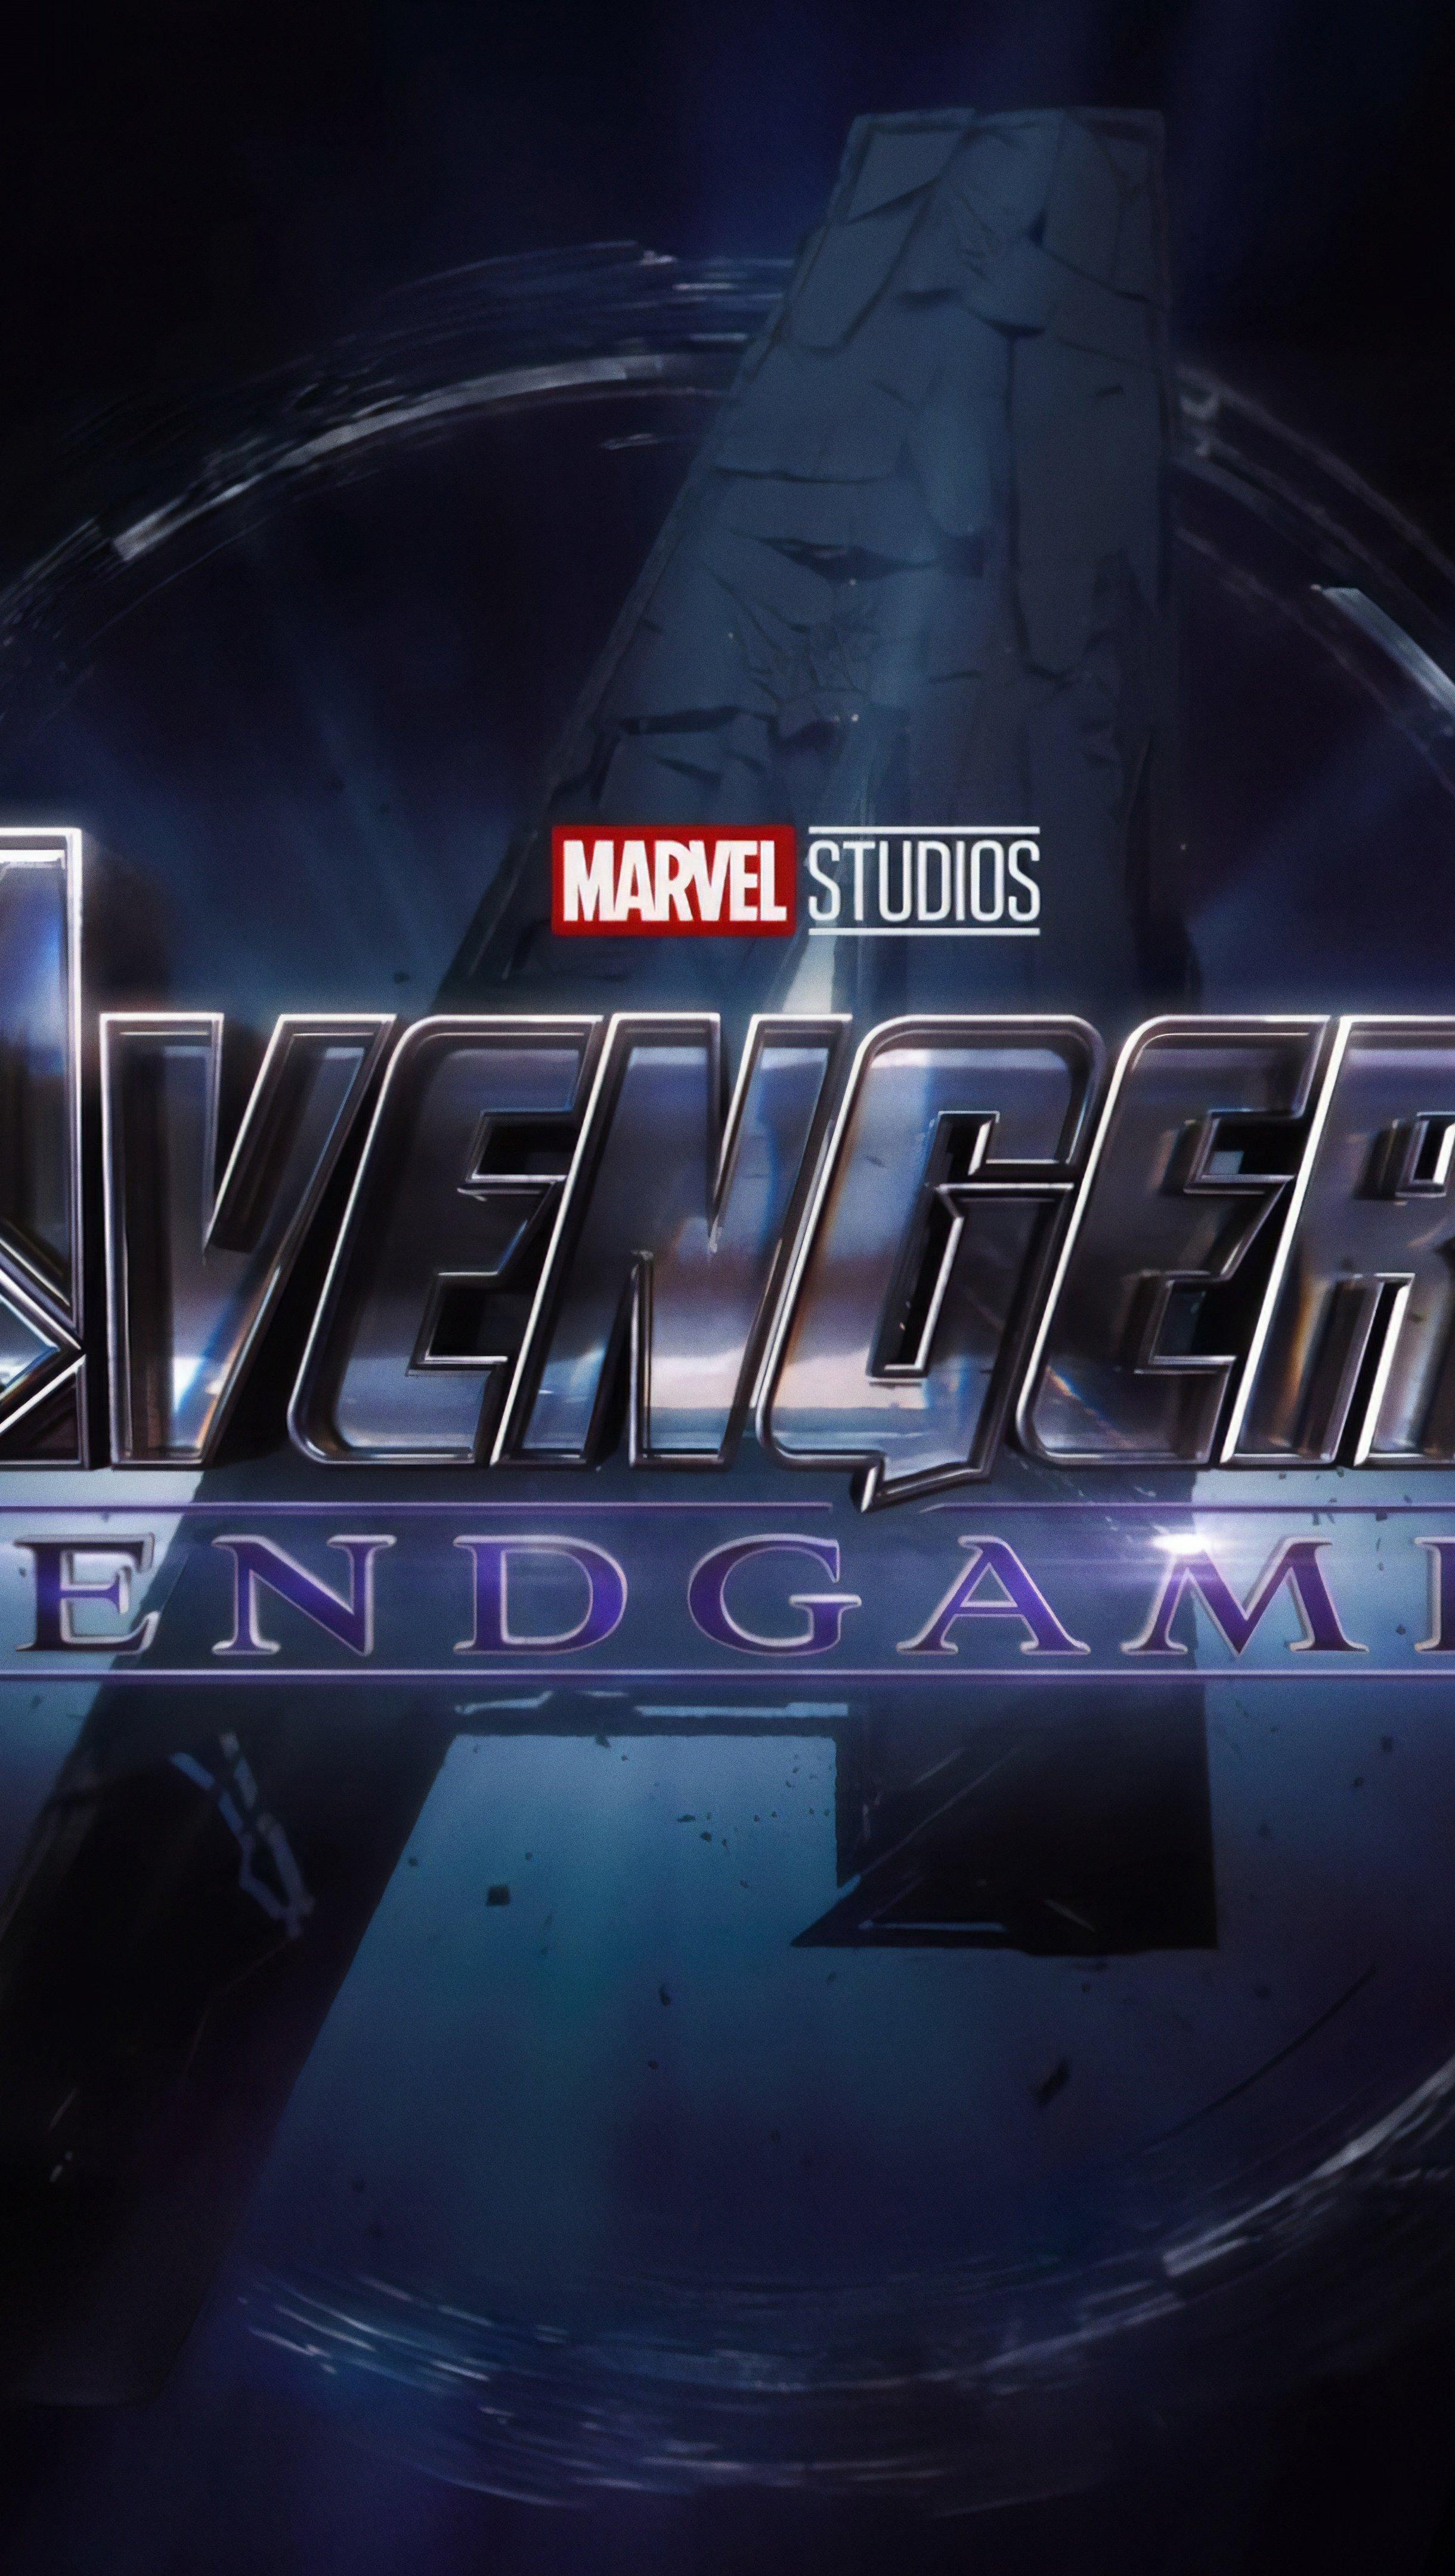 Wallpaper Avengers Endgame Marvel Studios Vertical